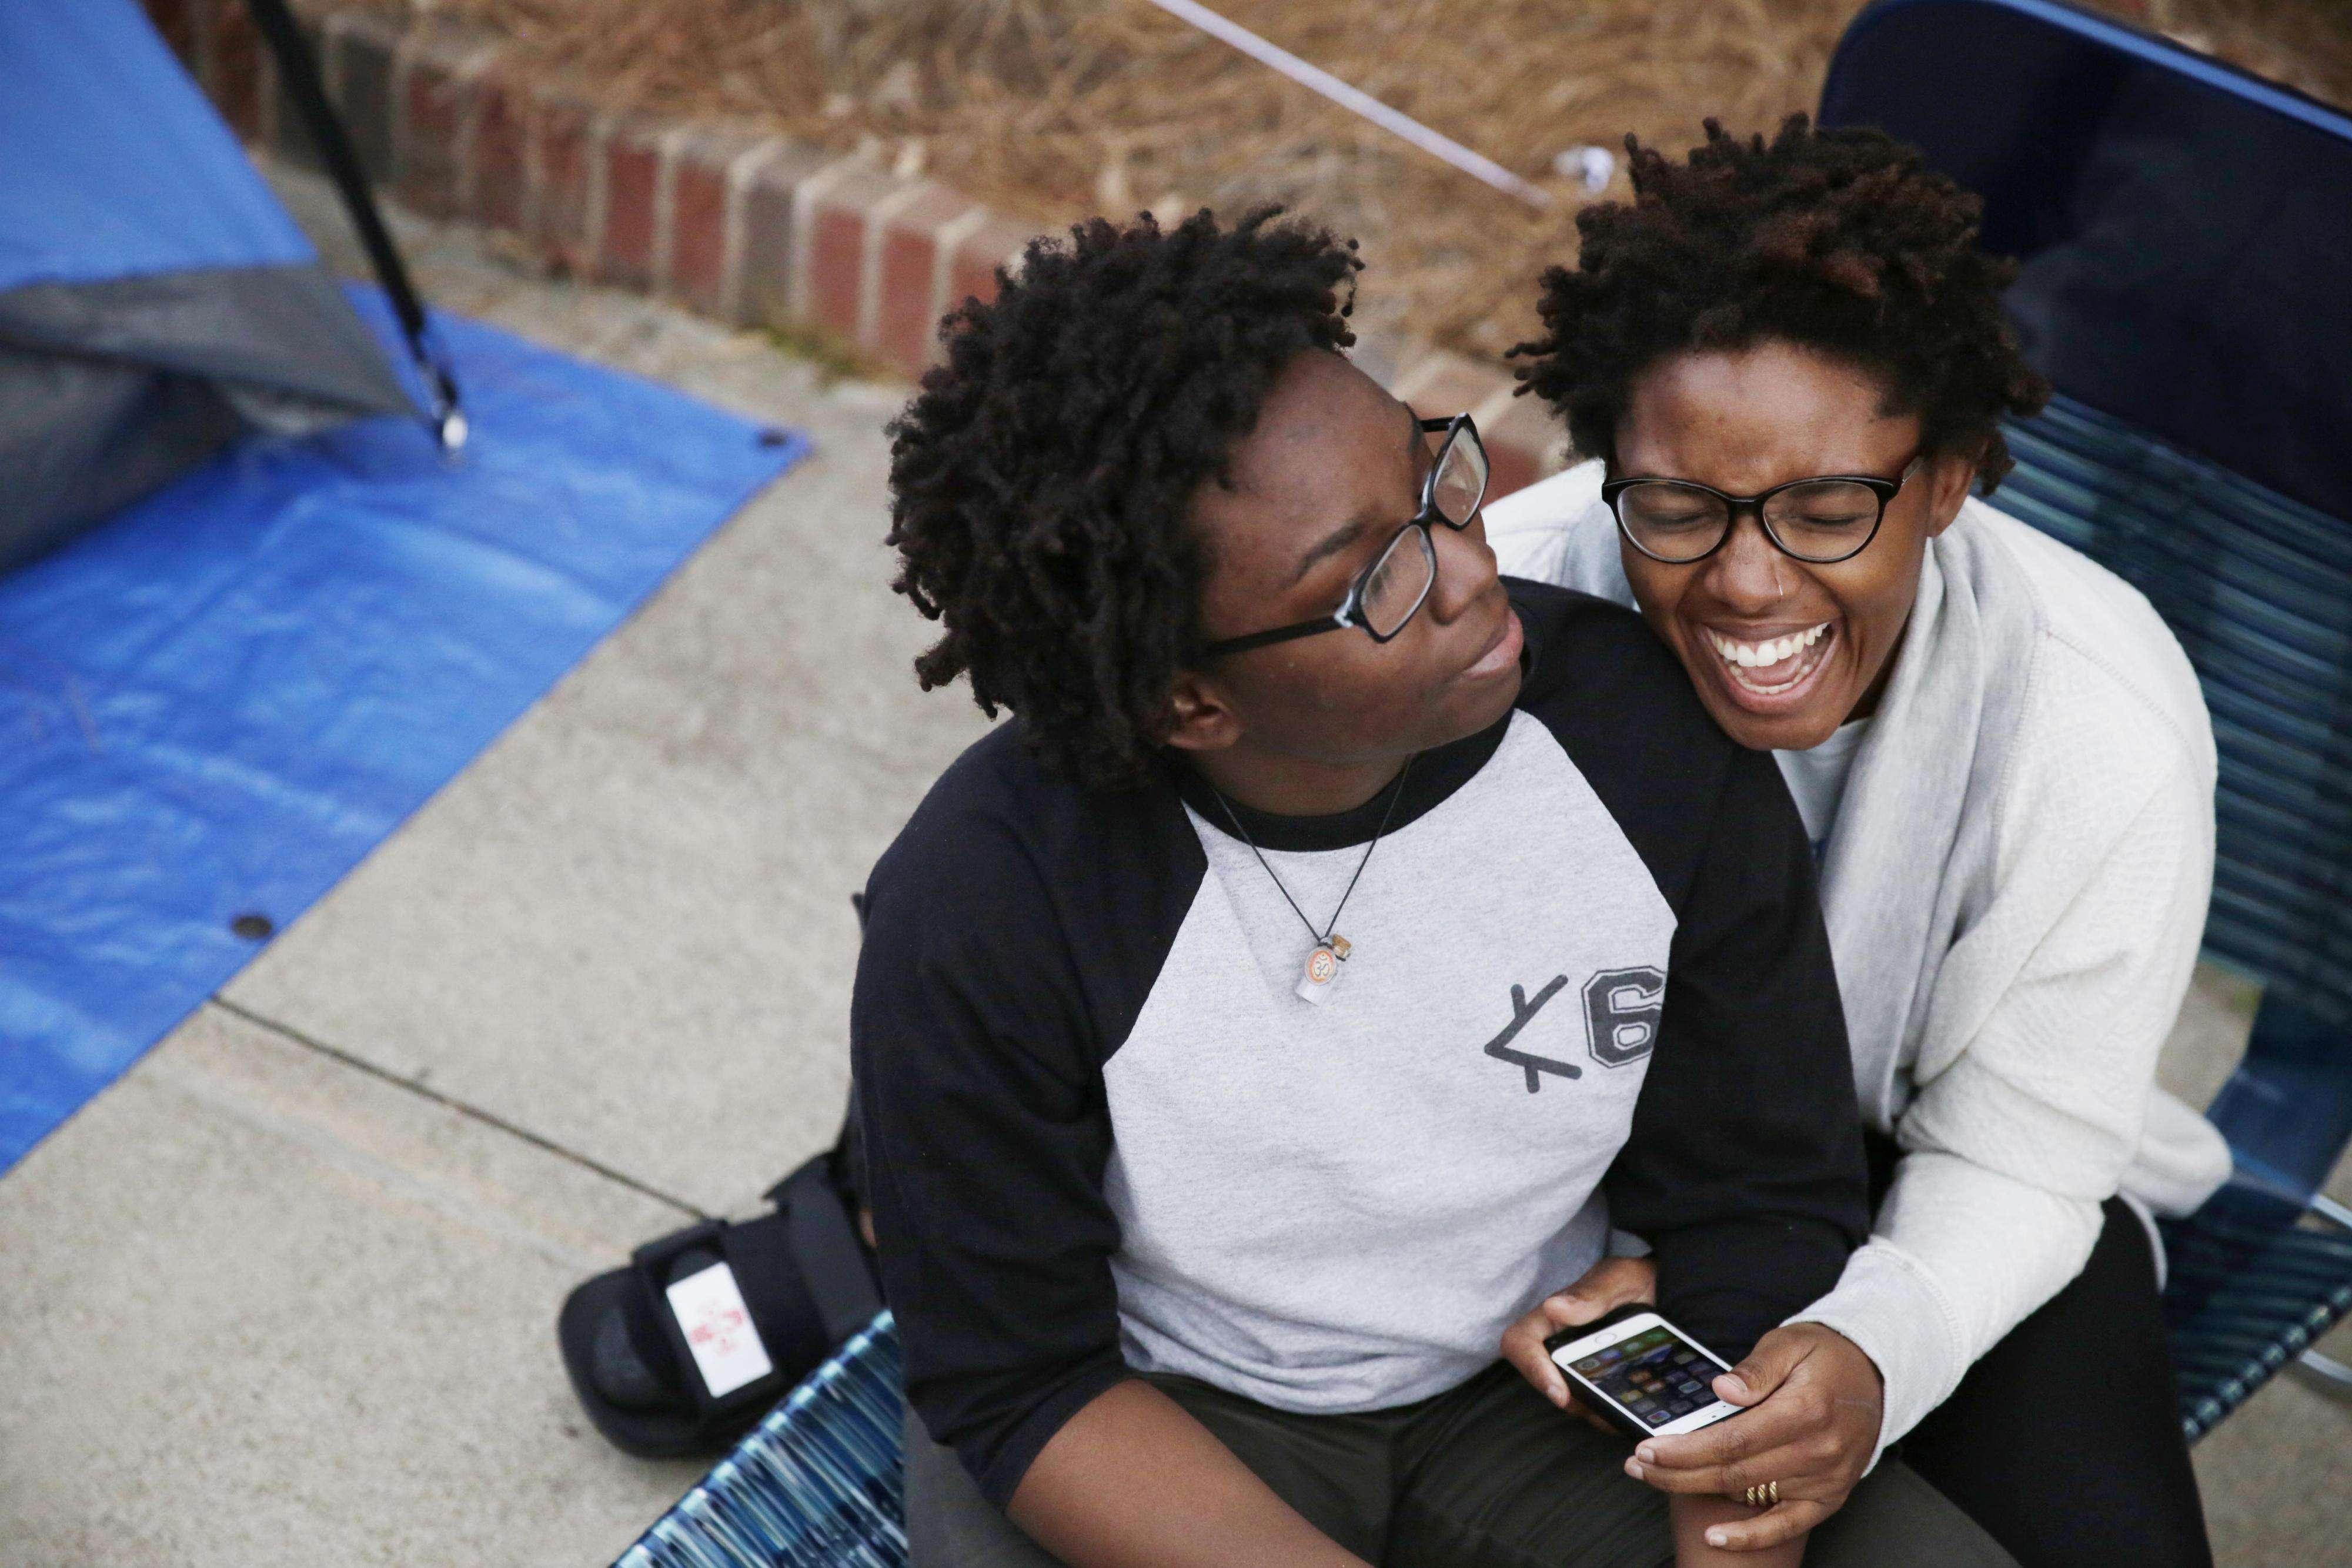 Shanté Wolfe, a la izquierda, y Tori Sisson, a la derecha, sonríen una a la otra cerca de la corte del condado Montgomery en Alabama, el domingo 8 de febrero de 2015. Foto: AP en español